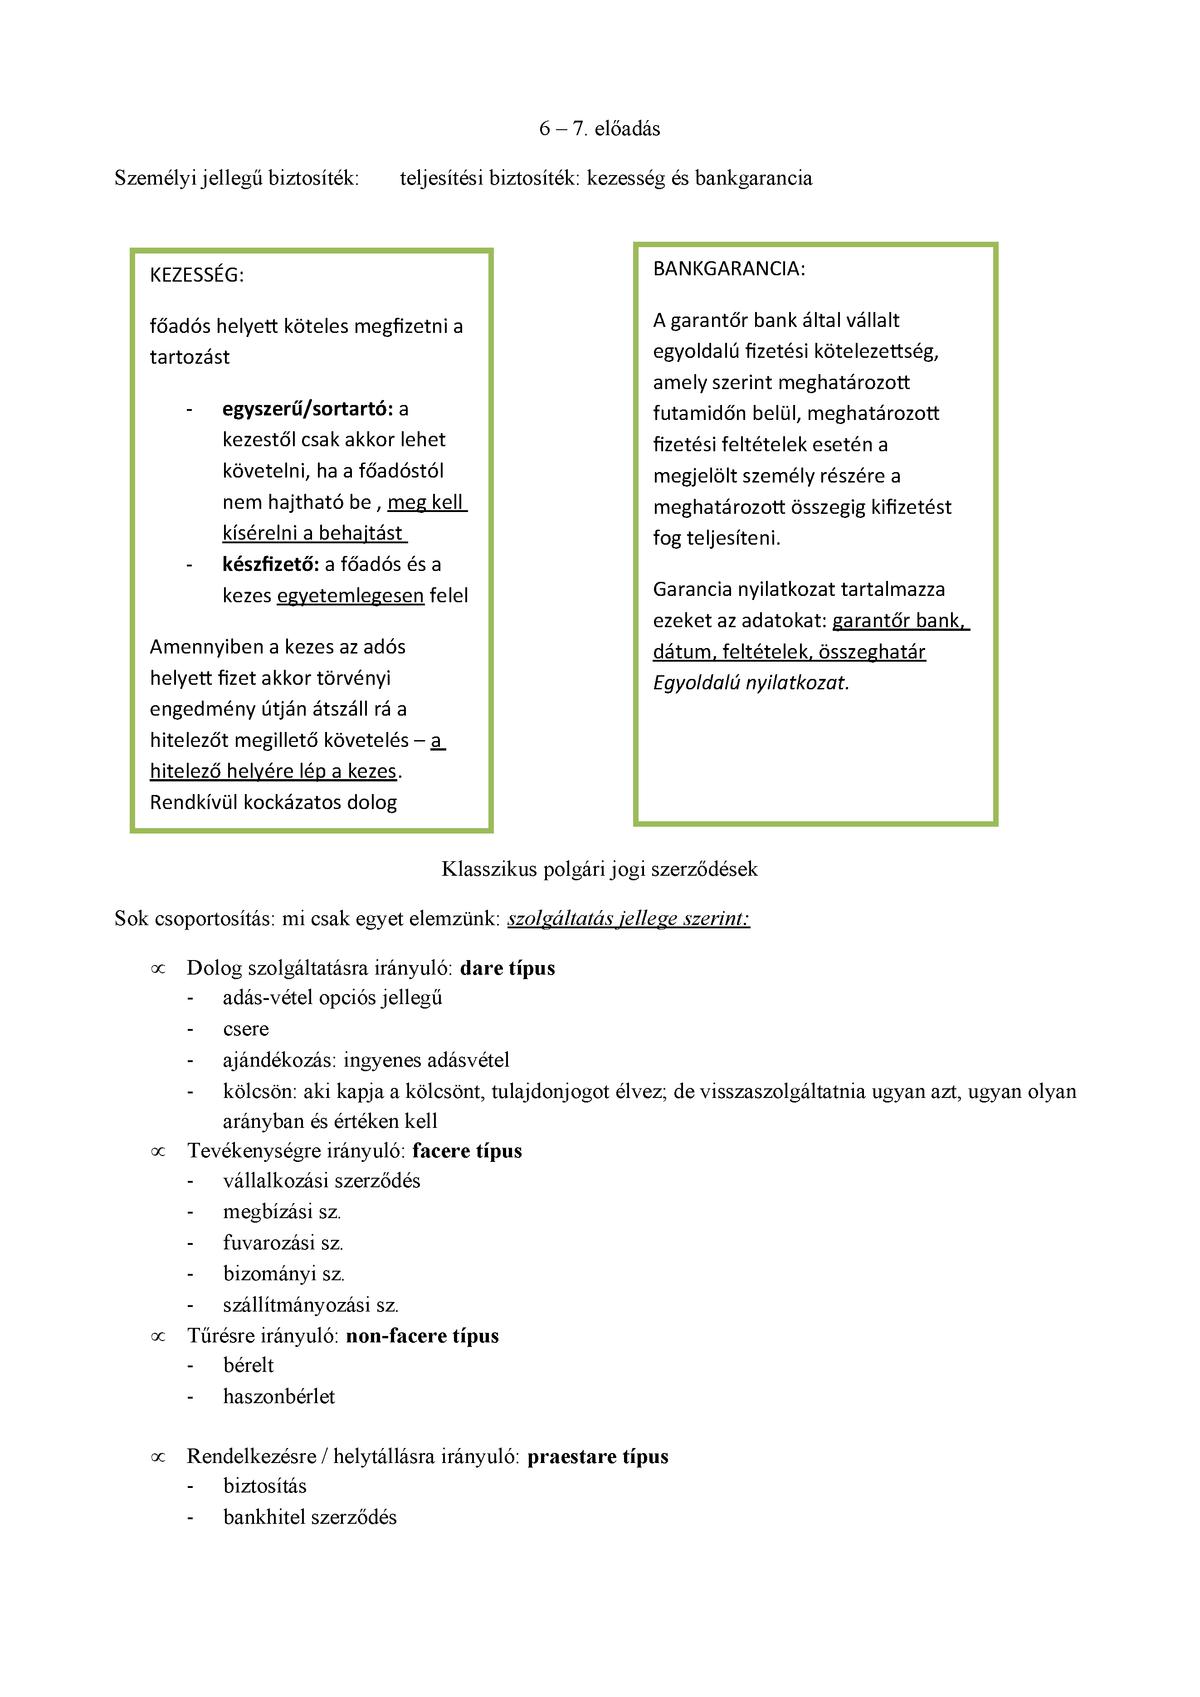 Üzletrész átruházásának korlátozását szolgáló társasági jogi szabályok I. | reaktorpaintball.hu